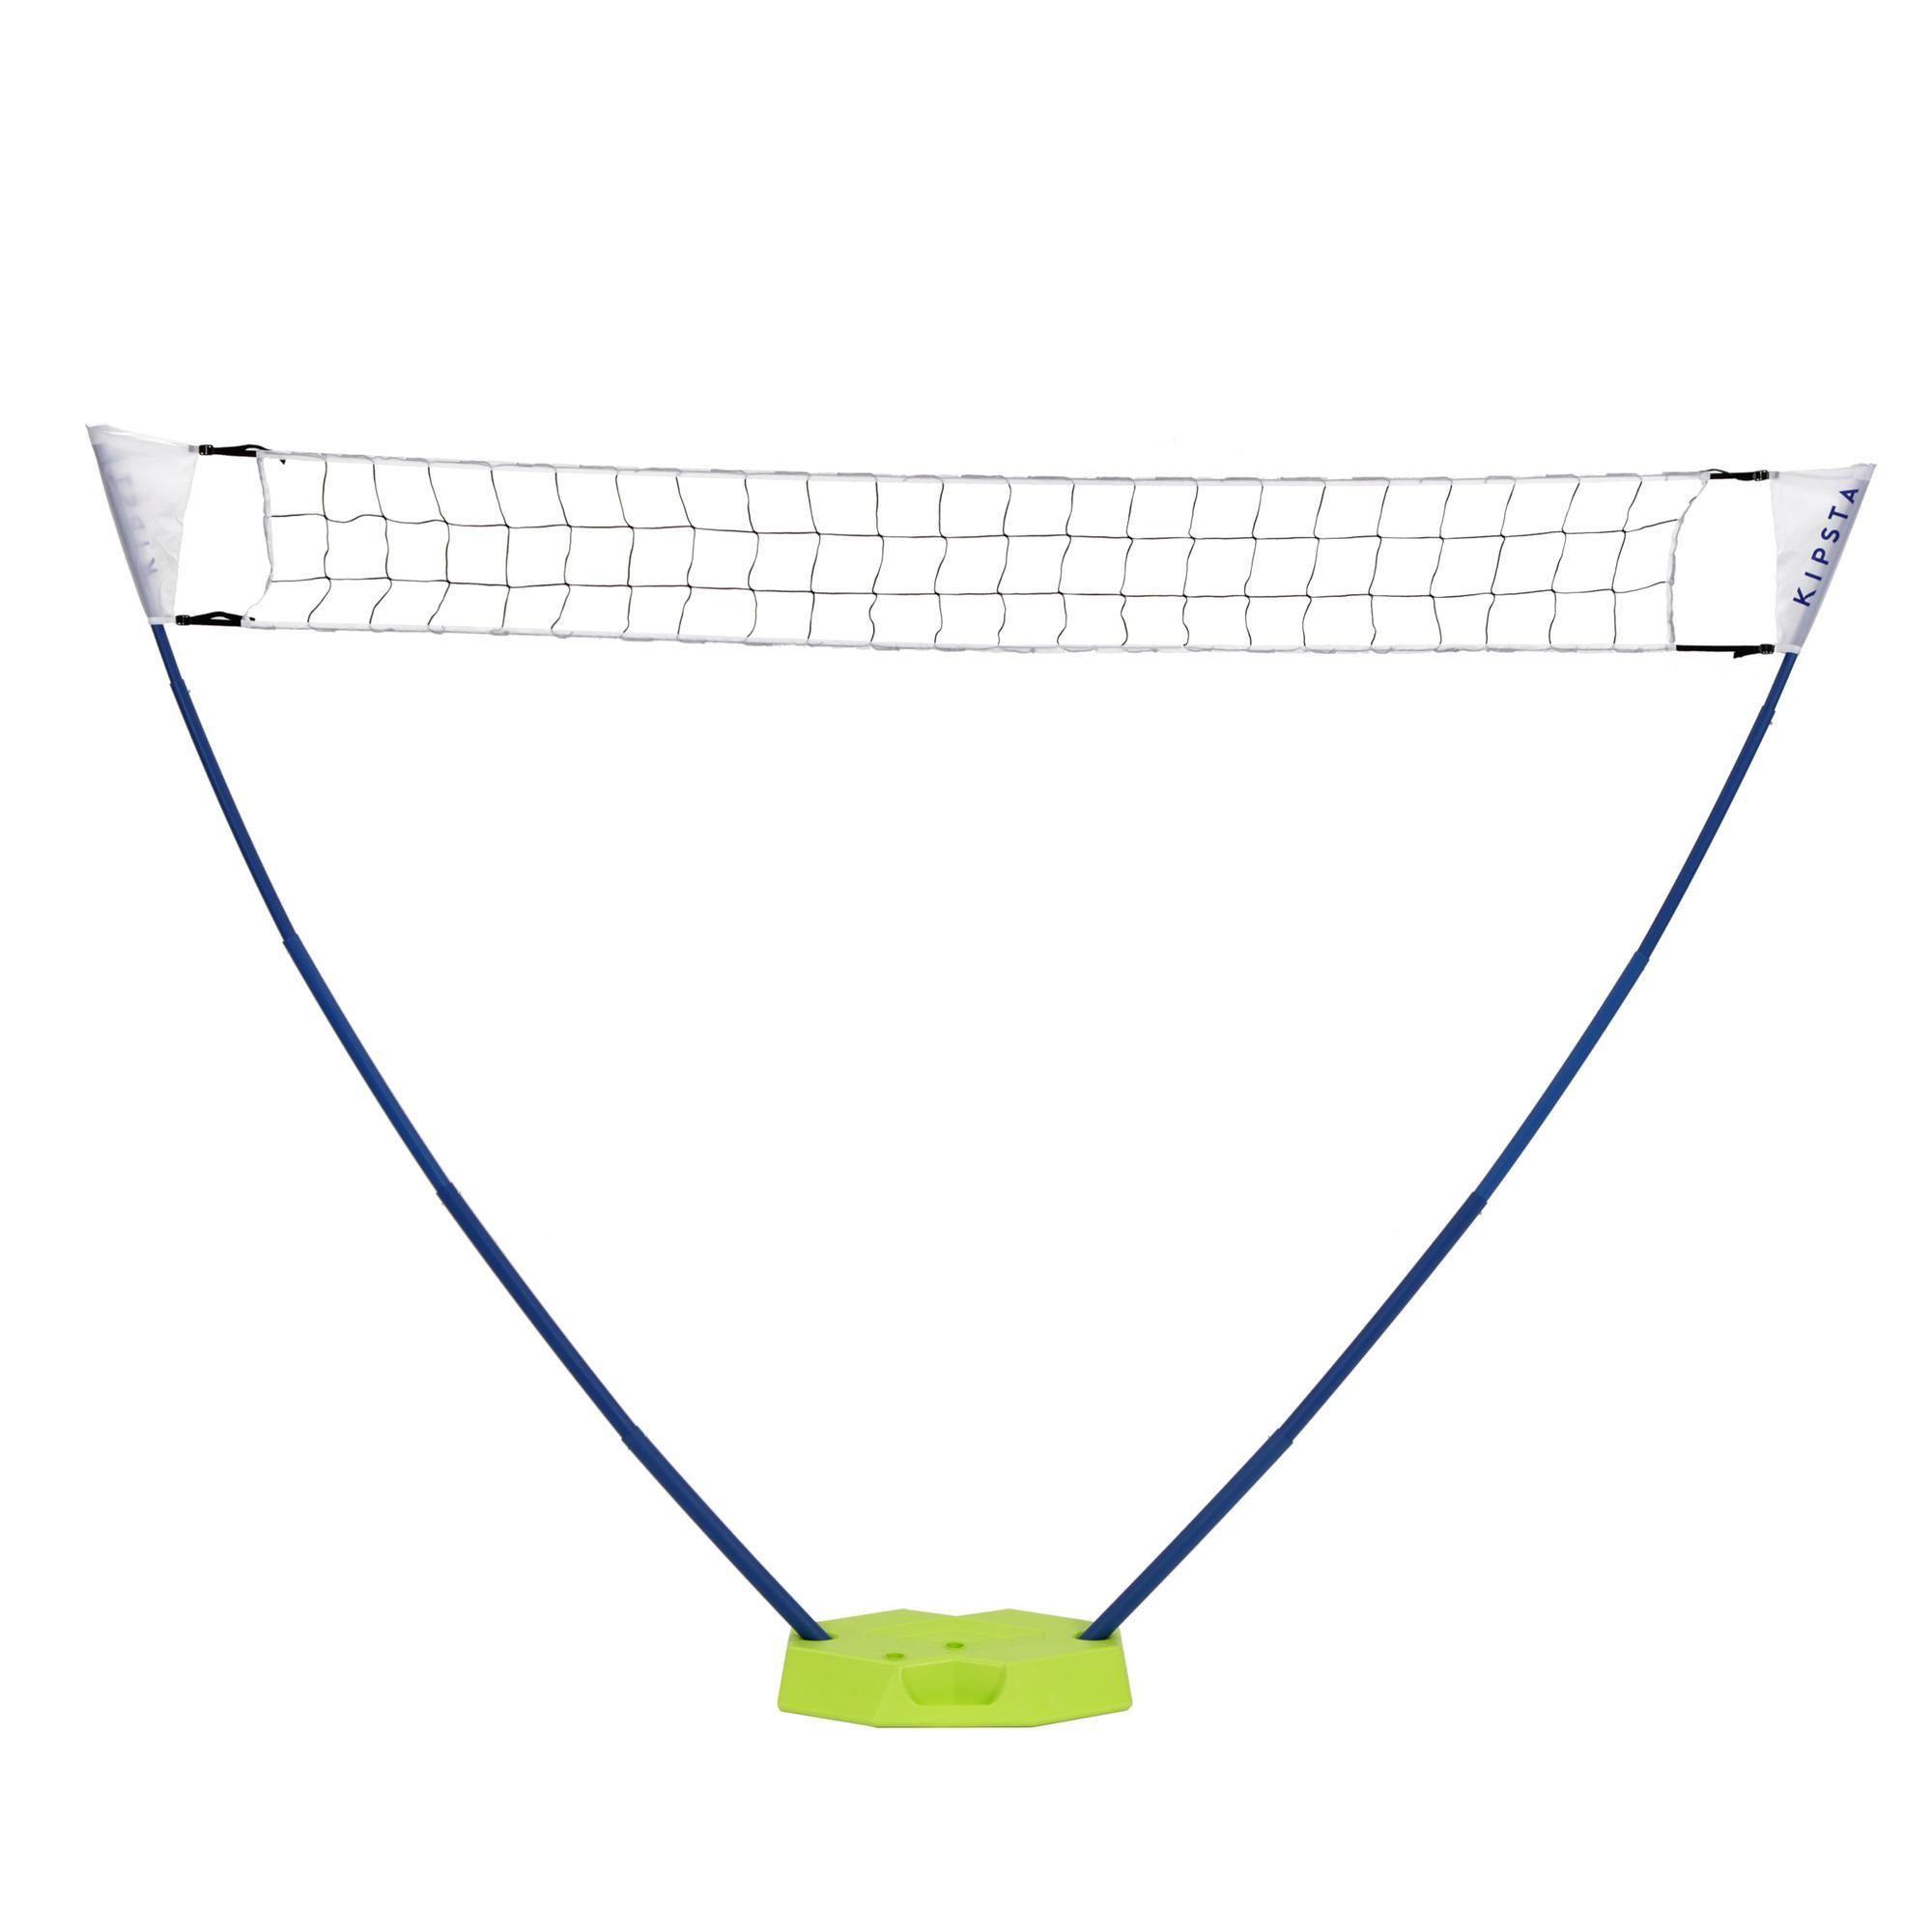 Net Voor Volleybal En Beachvolleybal Bv 100 Geel In 2020 Volleyball Beach Volleyball Federball